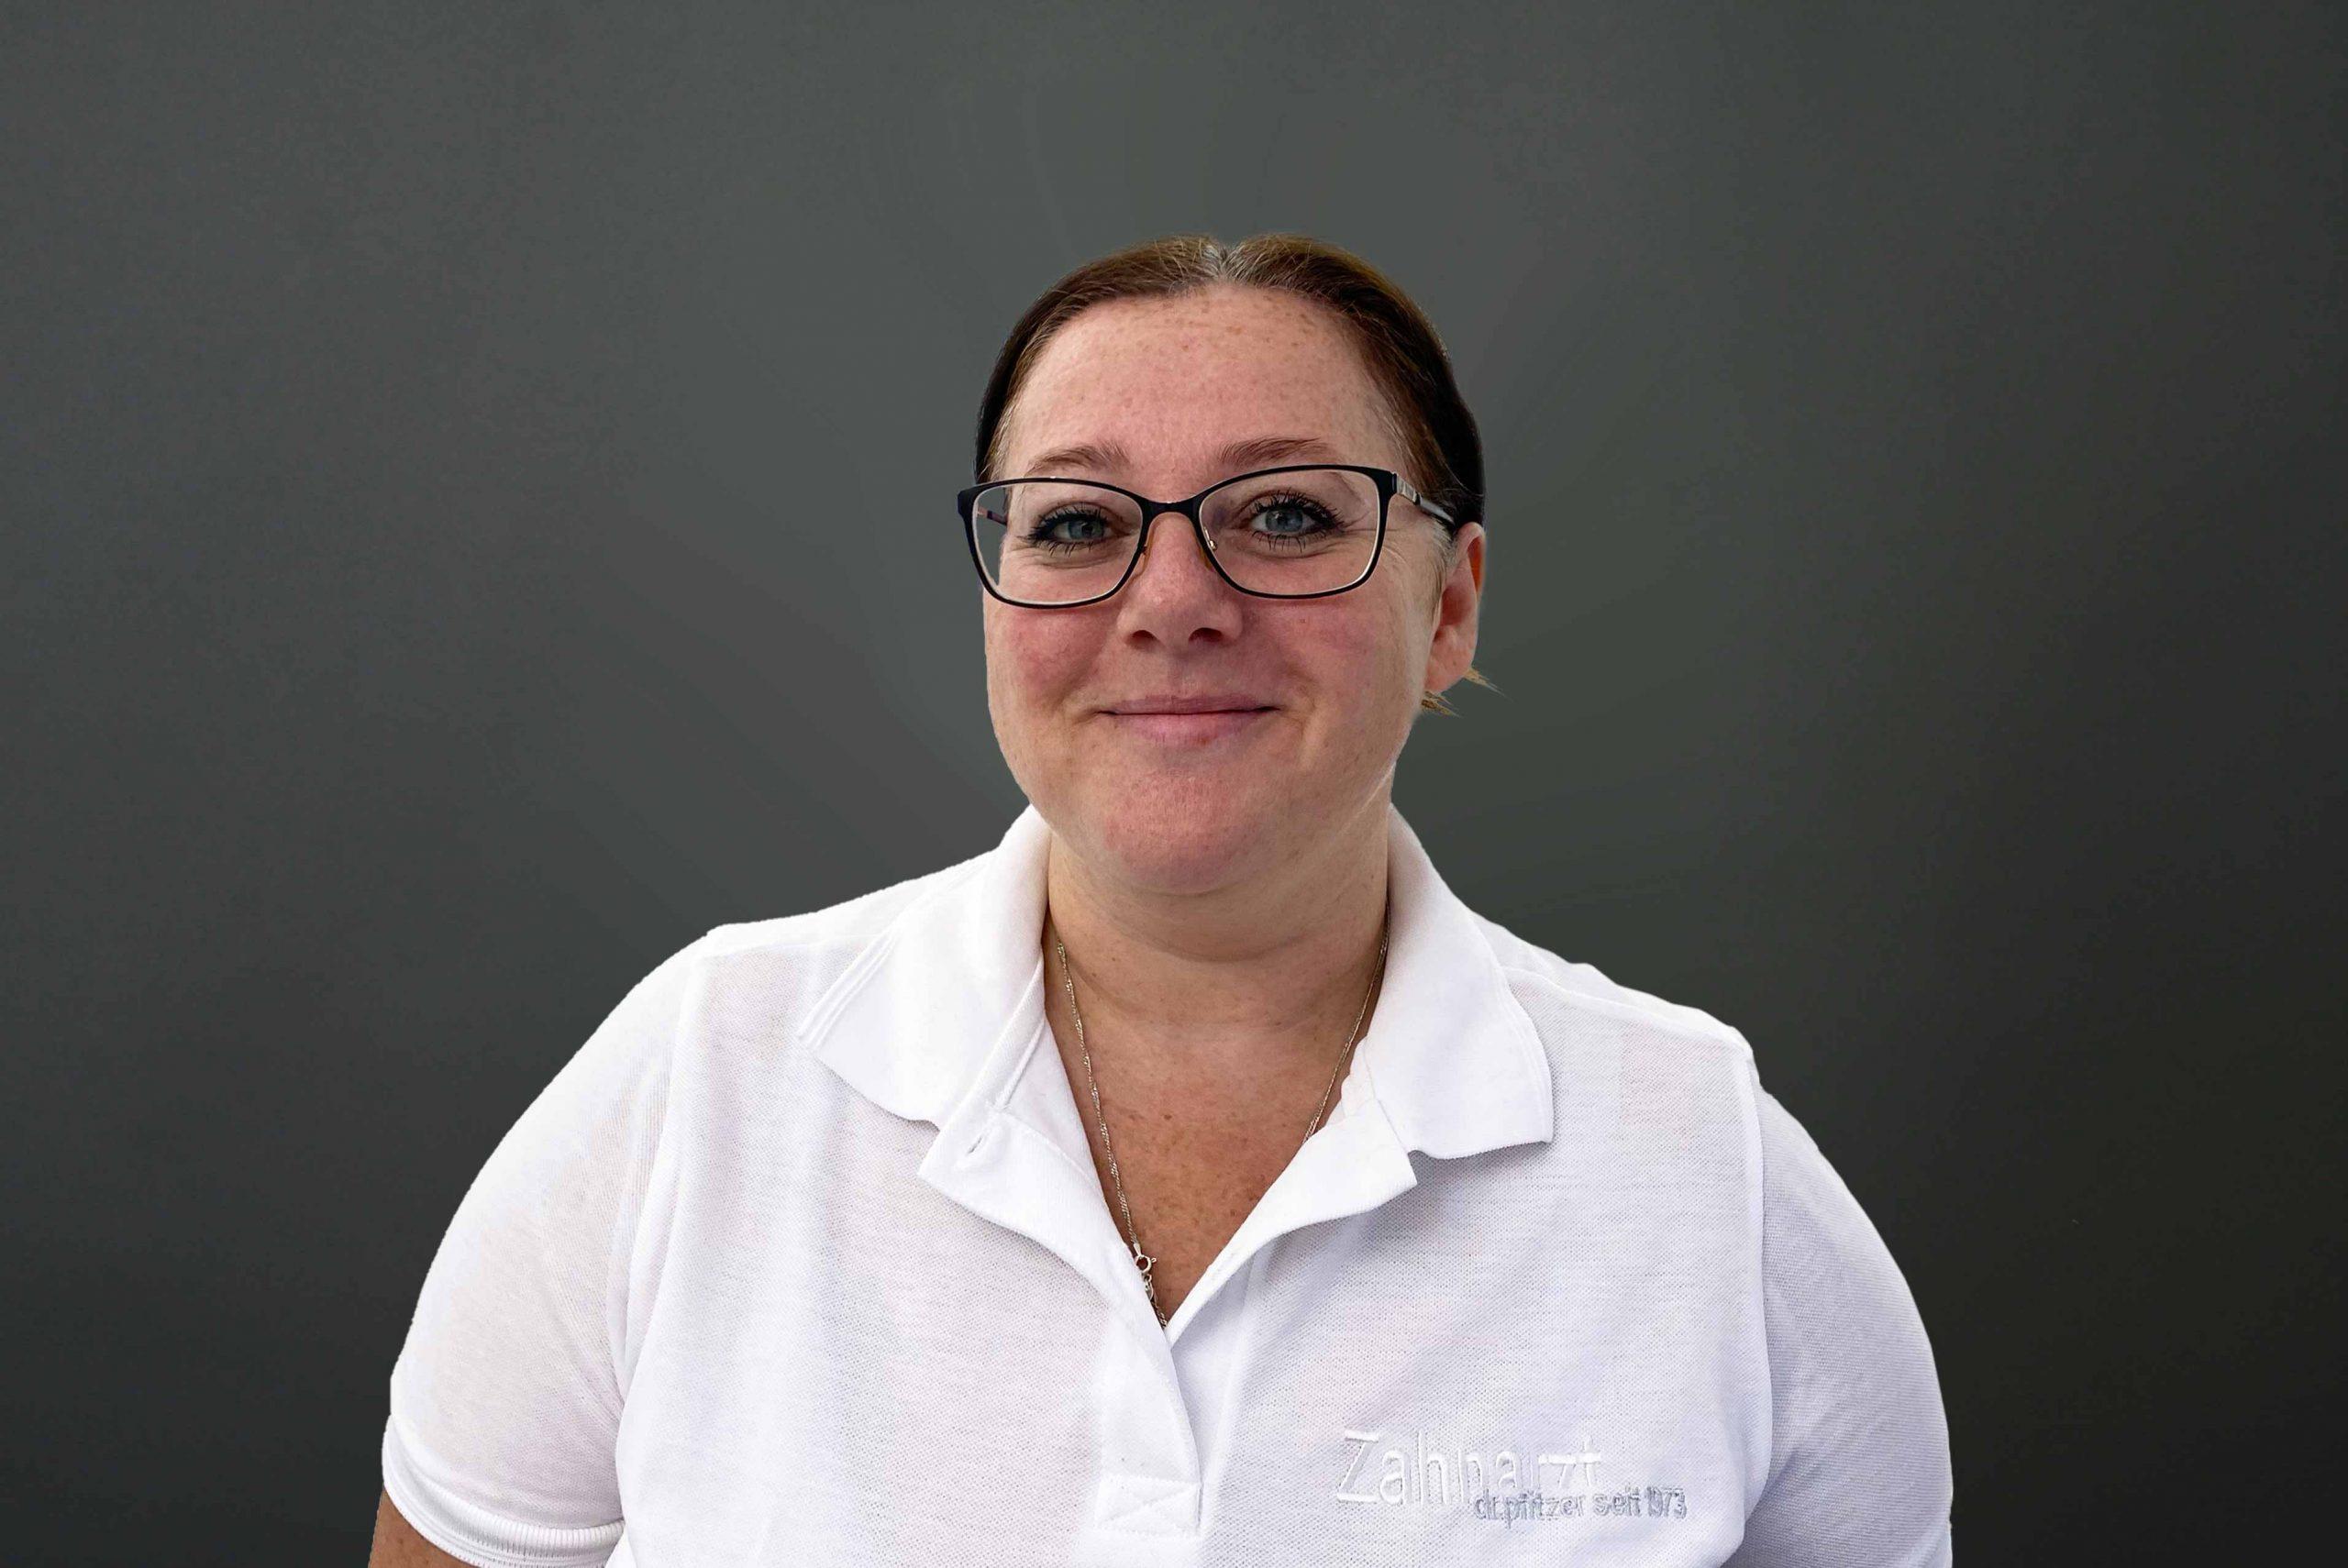 Gabriela Pelos ist Zahnmedizinische Fachangestellte beim Zahnarzt in Stuttgart